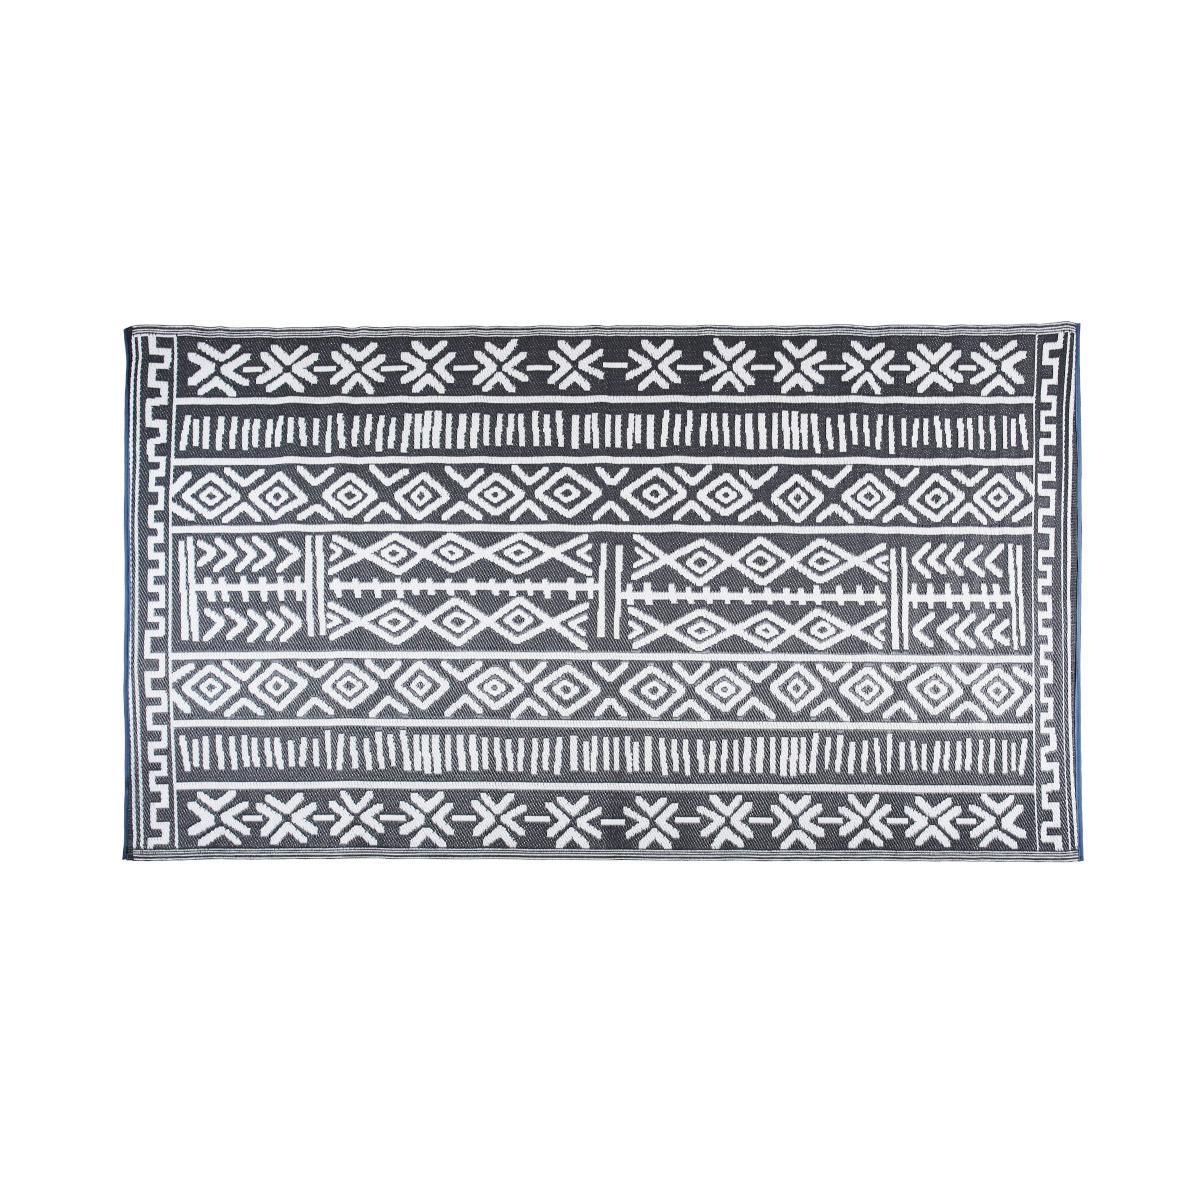 Cemonjardin Tapis extérieur ethnique en polypropylène 120 x 180 cm